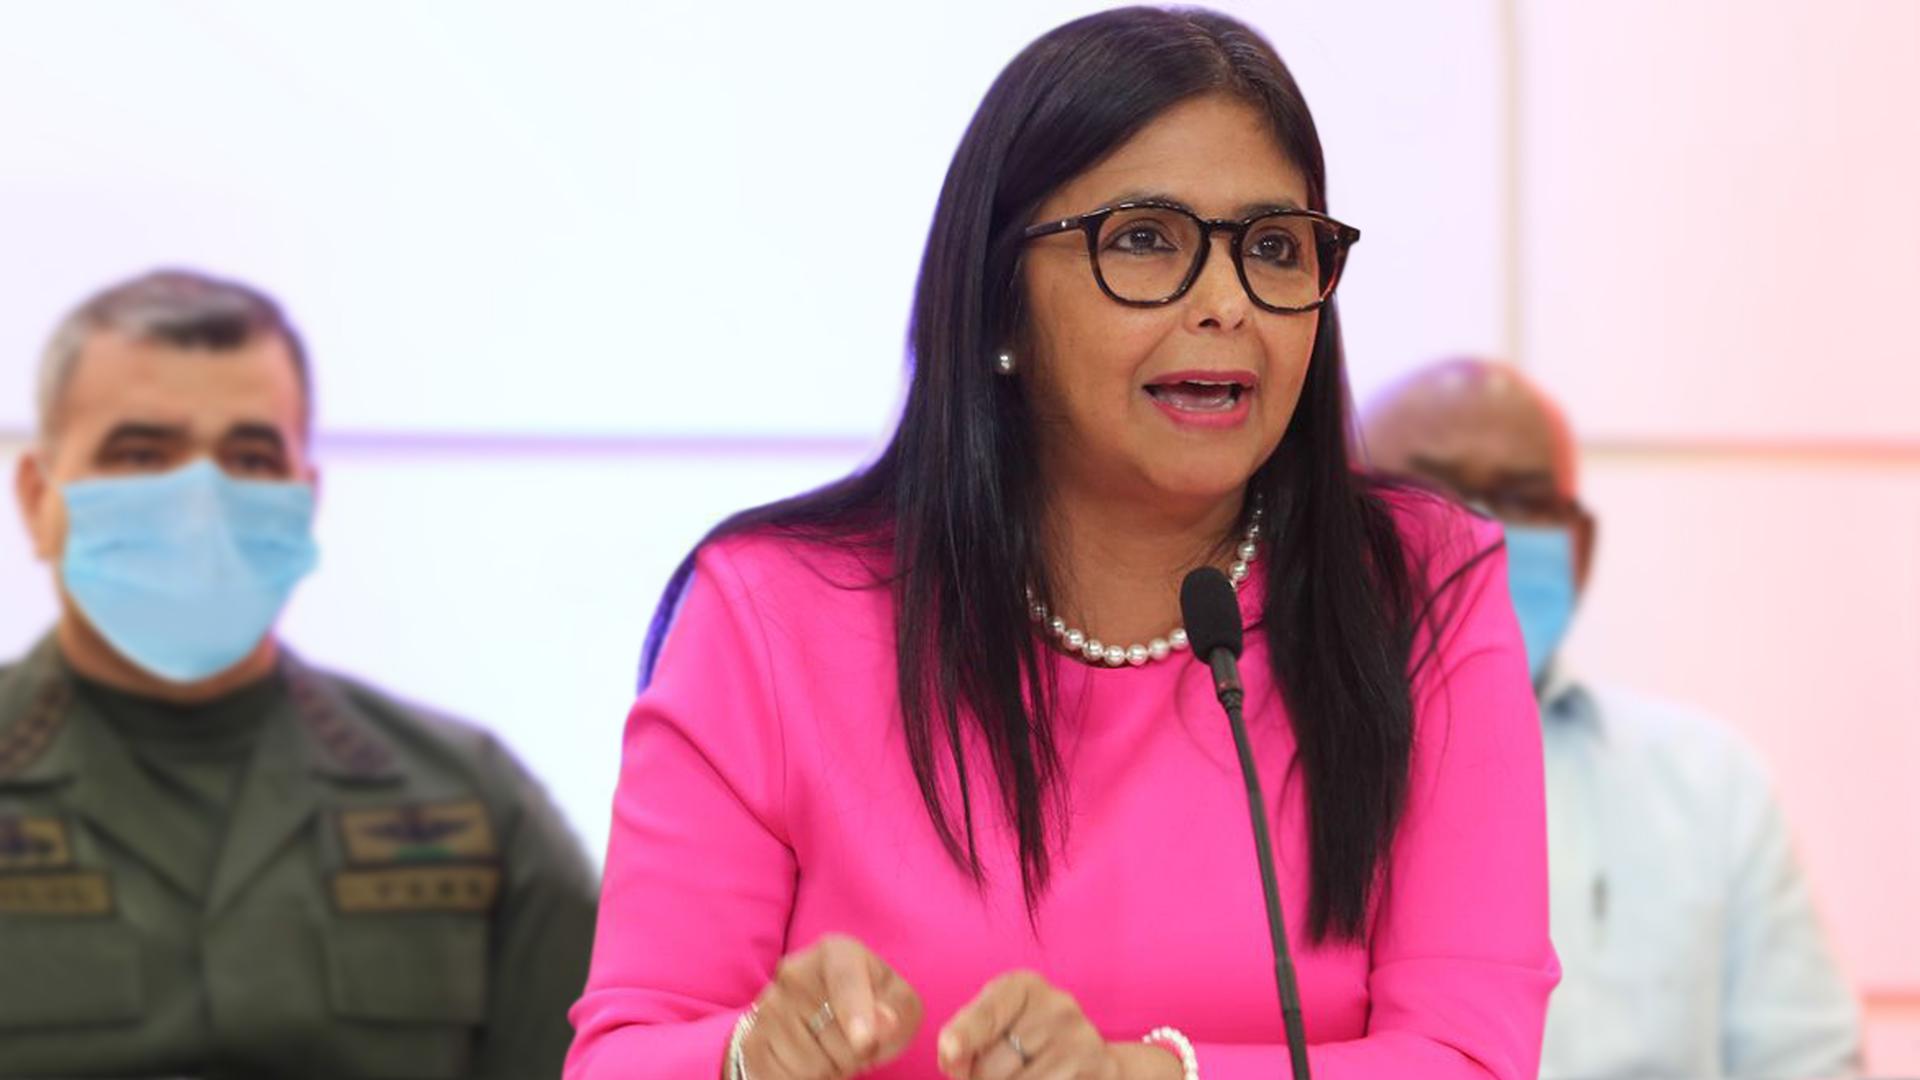 Gobierno suspende corrupción temporalmente por coronavirus